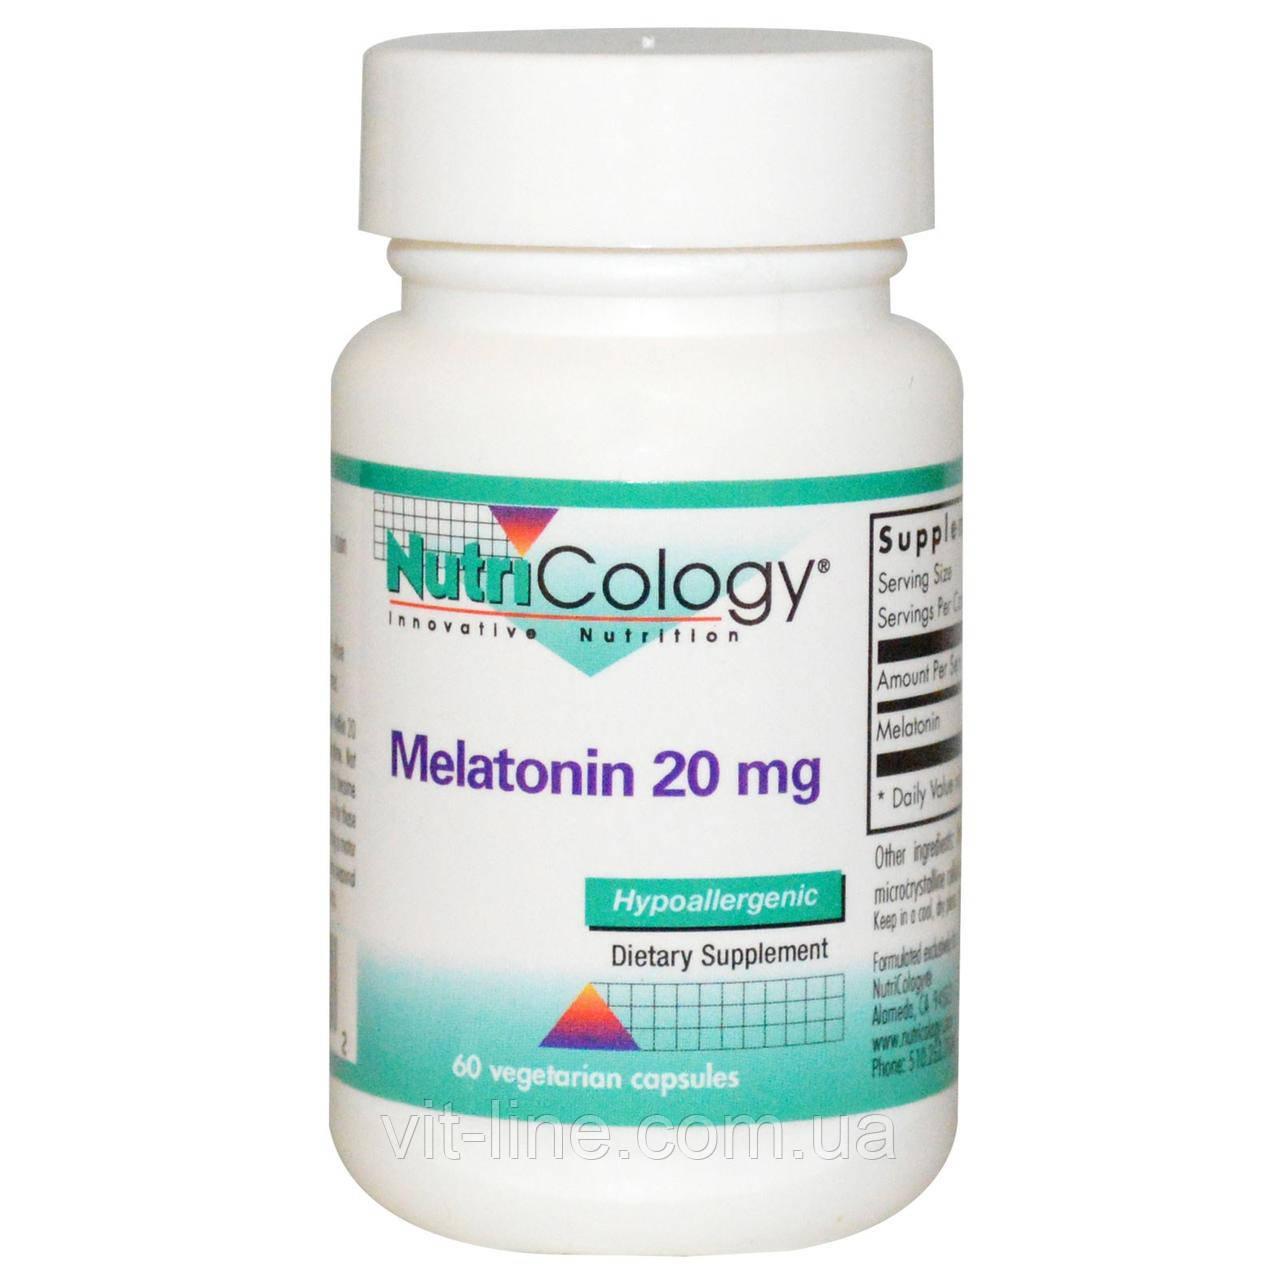 Nutricology, Мелатонин, 20 мг, 60 растительных капсул